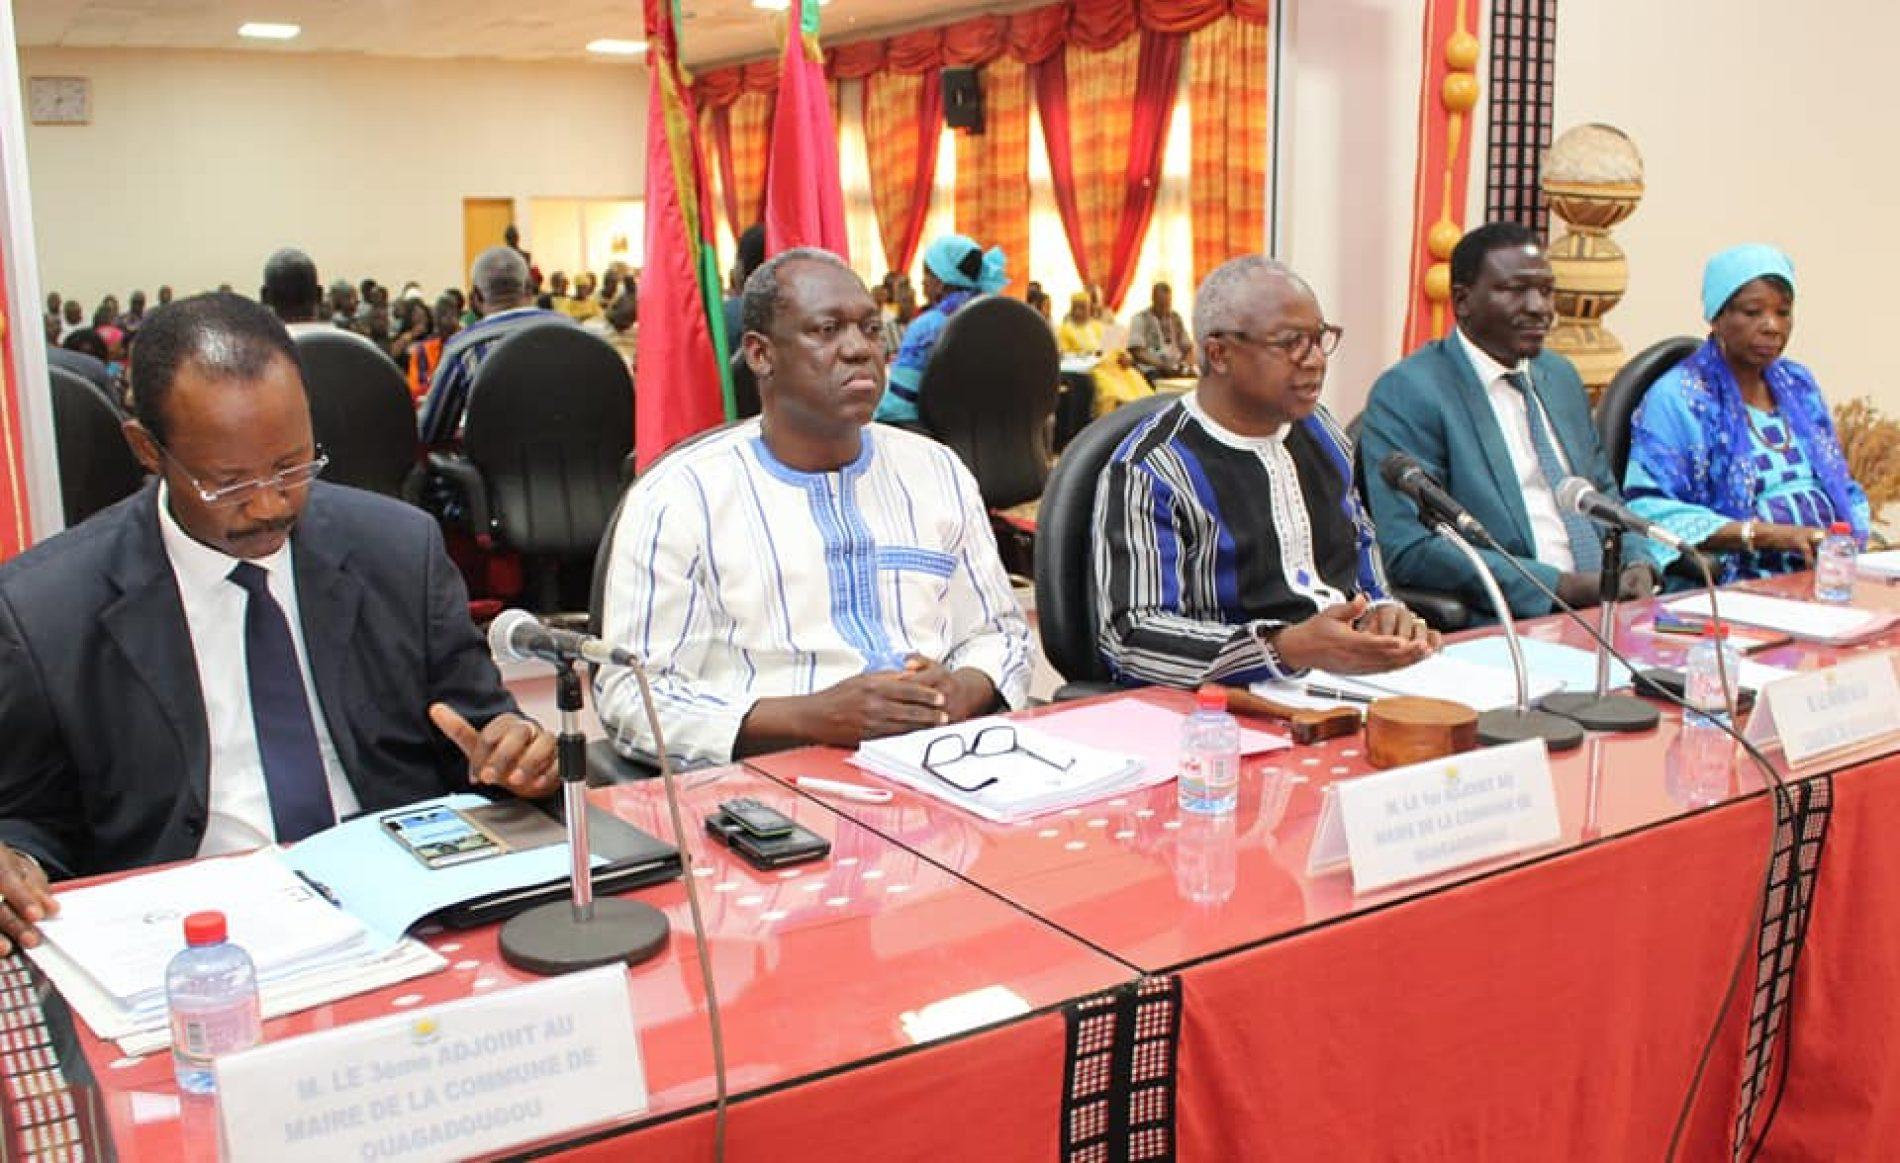 Conseil municipal de Ouagadougou : Recouvrement et taxes locales au menu